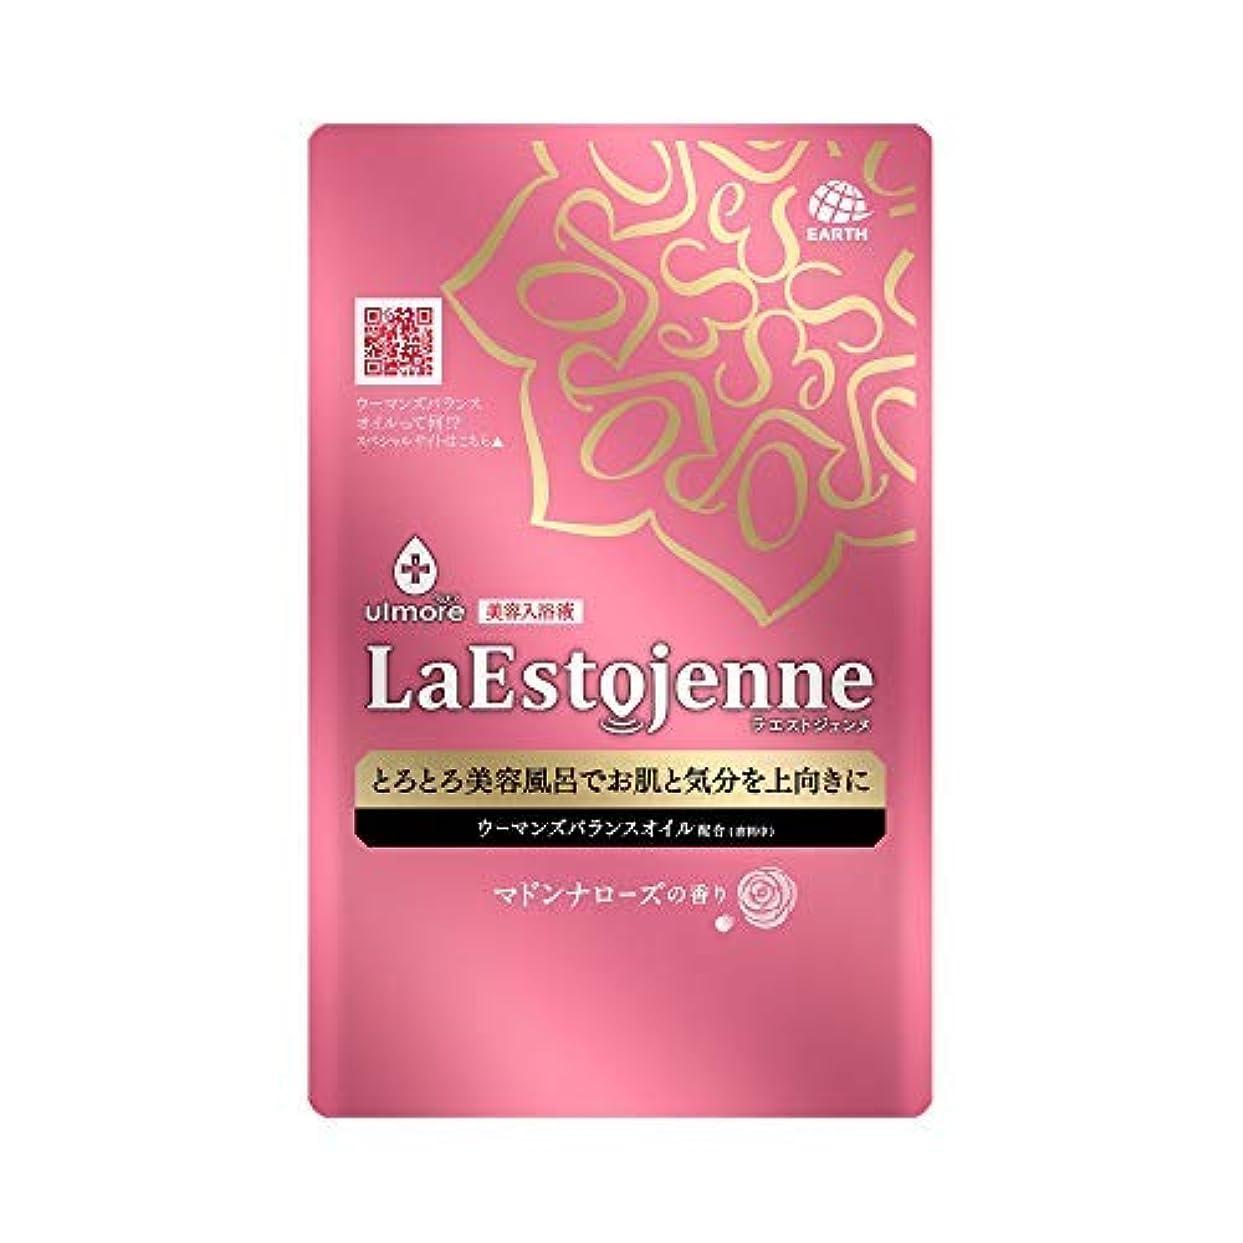 ファントムのど一見ウルモア ラエストジェンヌ マドンナローズの香り 1包 × 24個セット